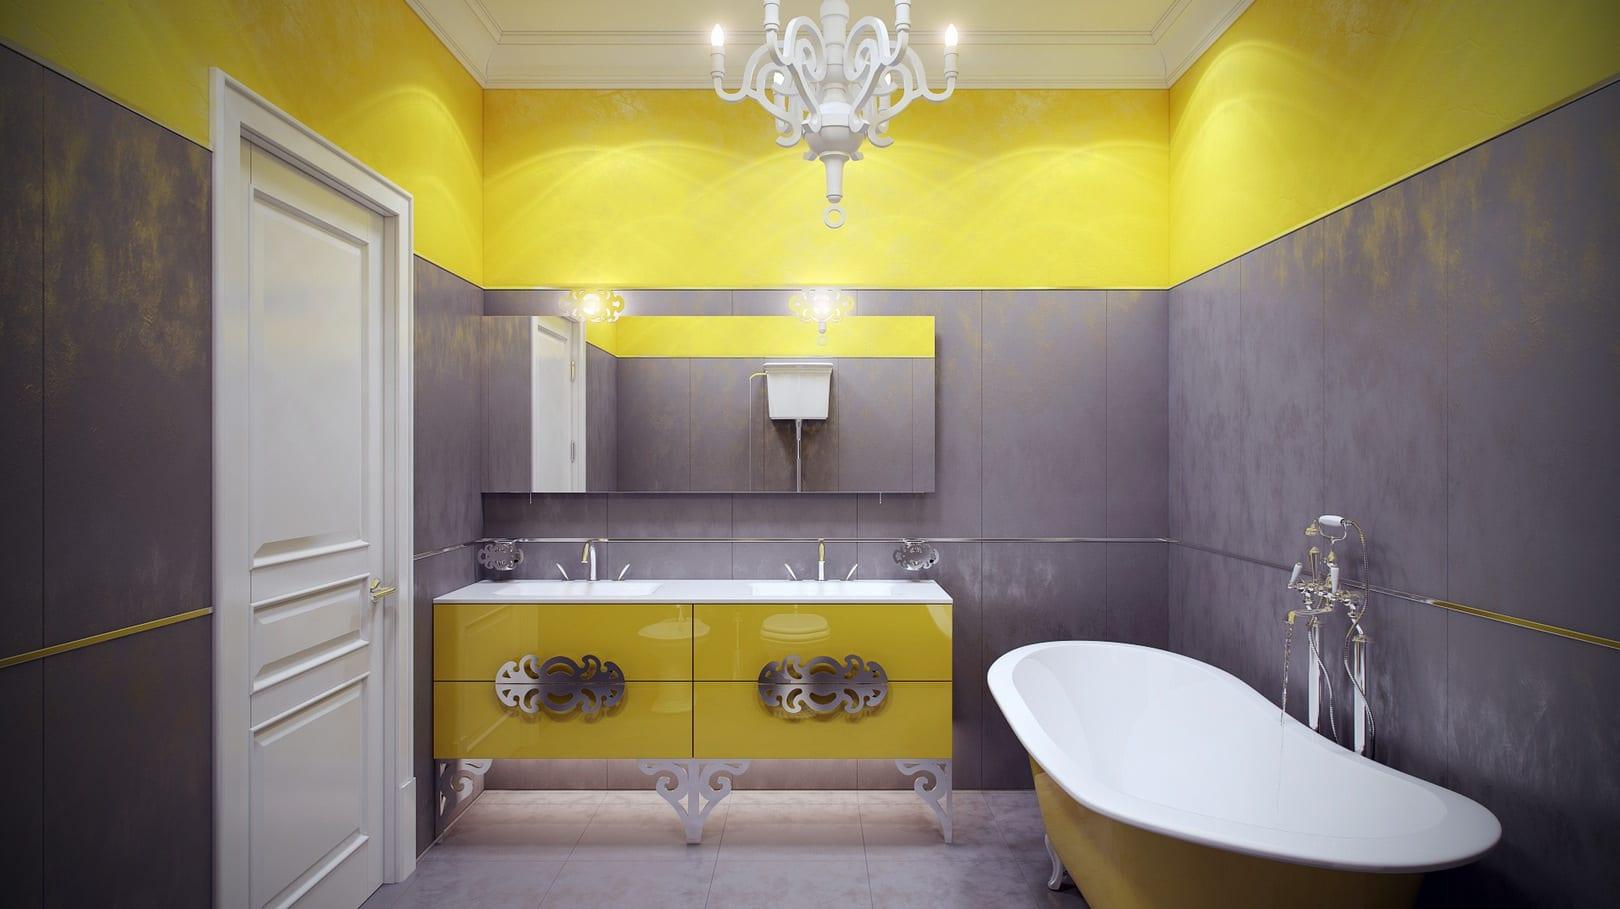 badezimmer gestalten mit grauen badezimmer fliesen und gelben wänden-gelbe freistehende badewanne-moderne badezimmer waschtischschrank in gelb